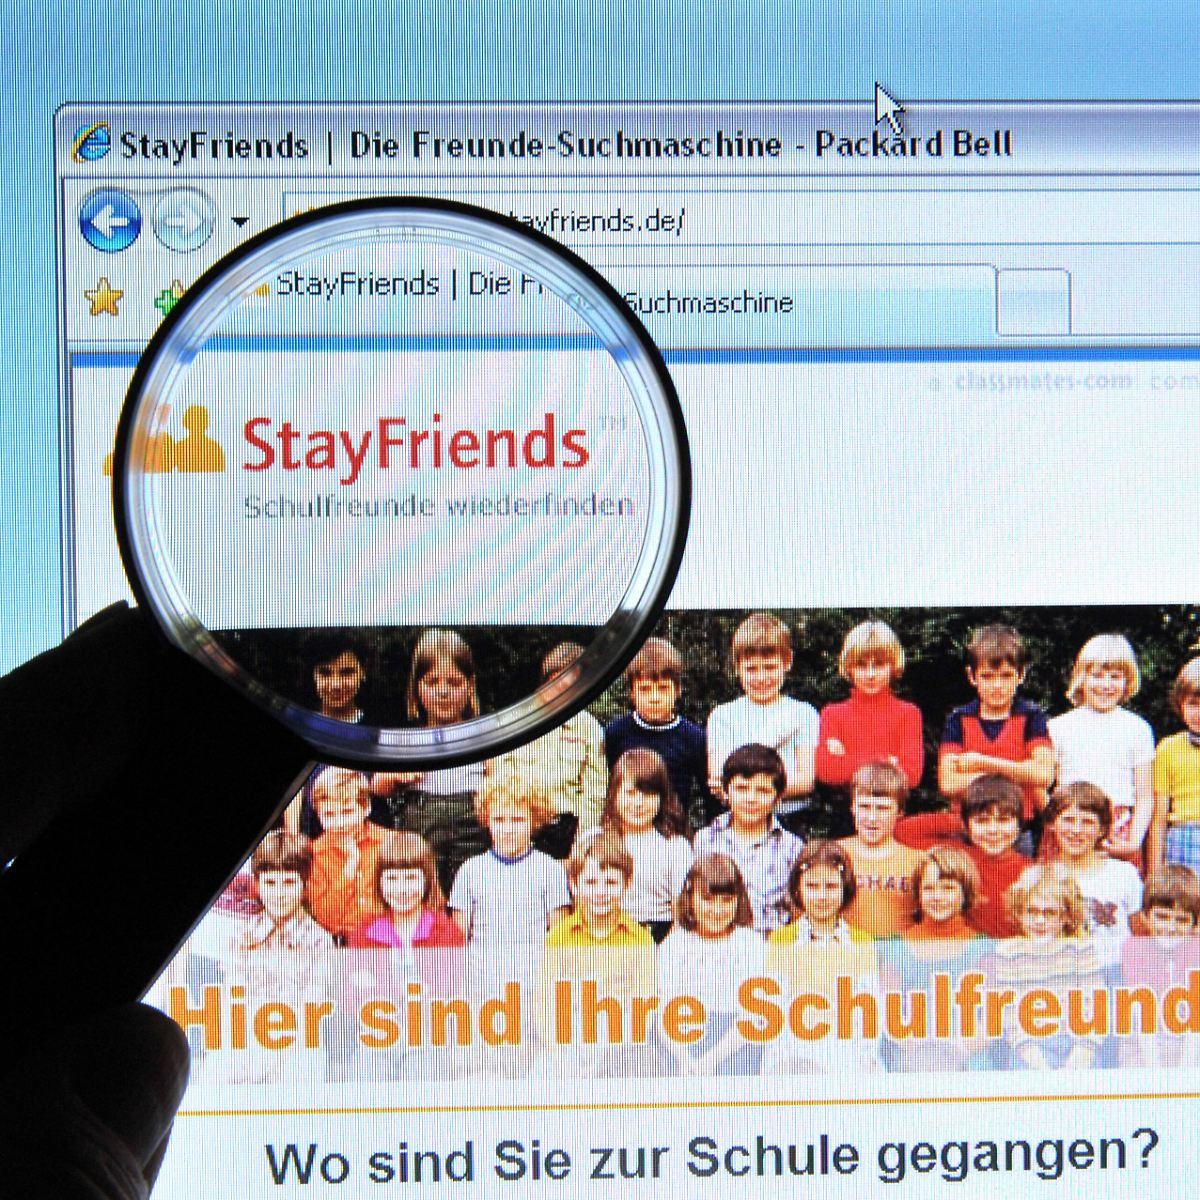 Und vergessen passwort email stayfriends Account bei